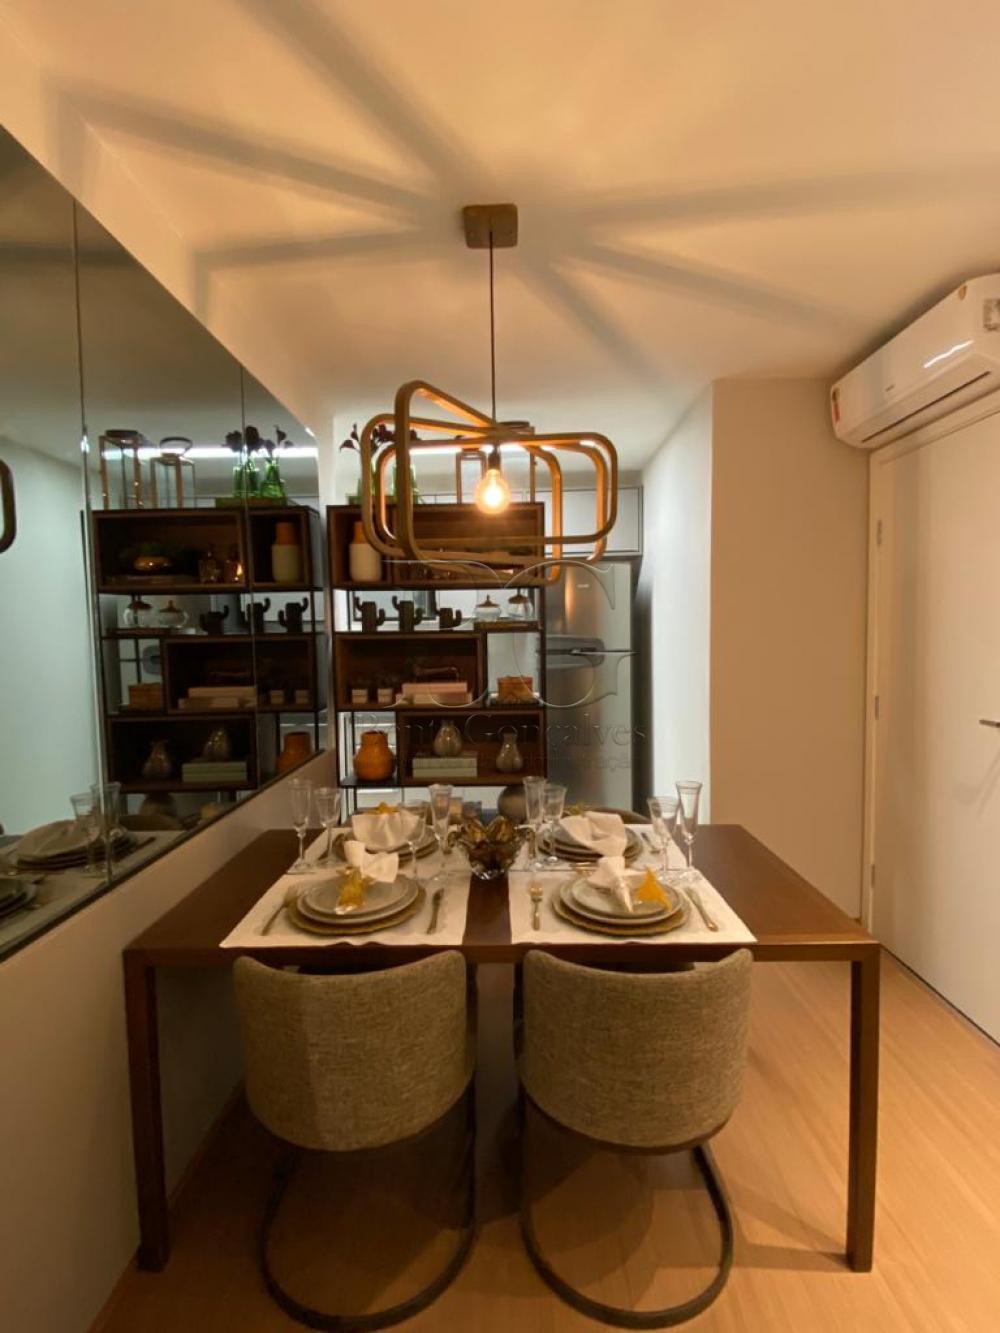 Comprar Apartamentos / Lançamento em Poços de Caldas apenas R$ 170.000,00 - Foto 11